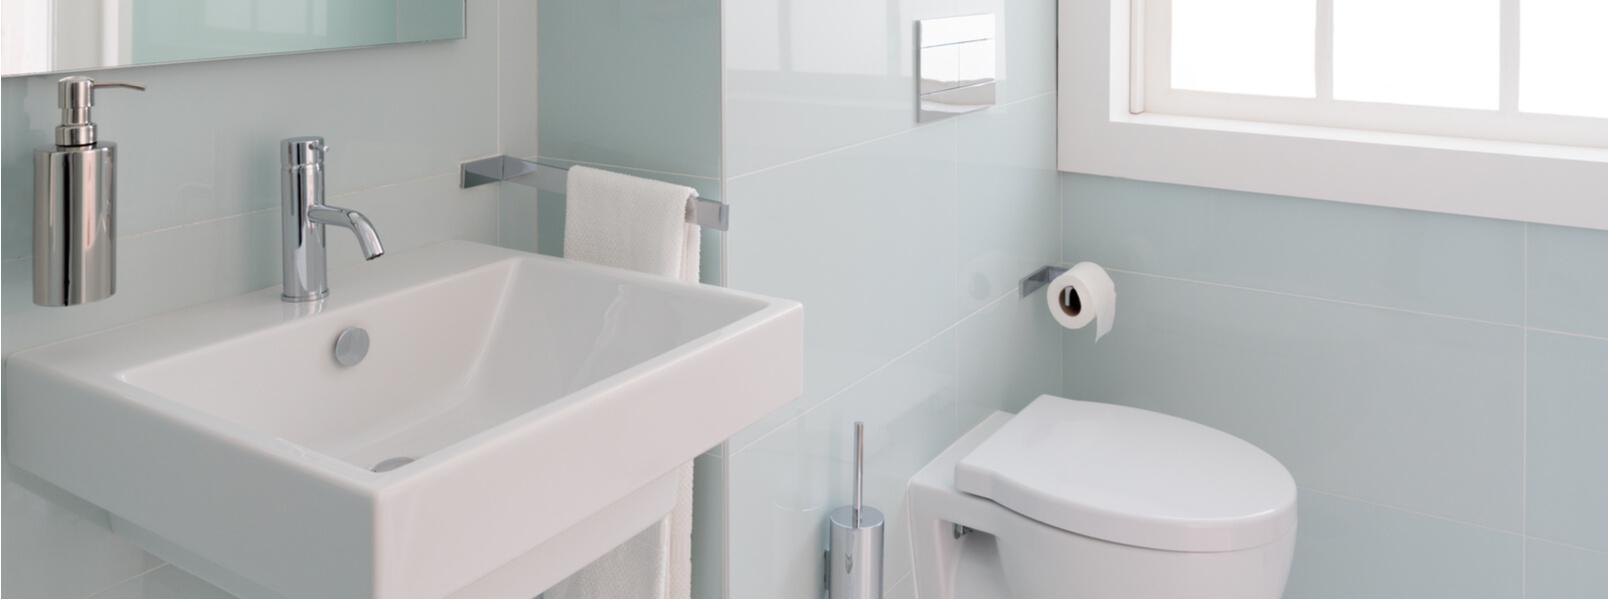 Amenagement Petite Salle De Bain Wc comment maximiser l'espace d'une petite salle de bain | 10